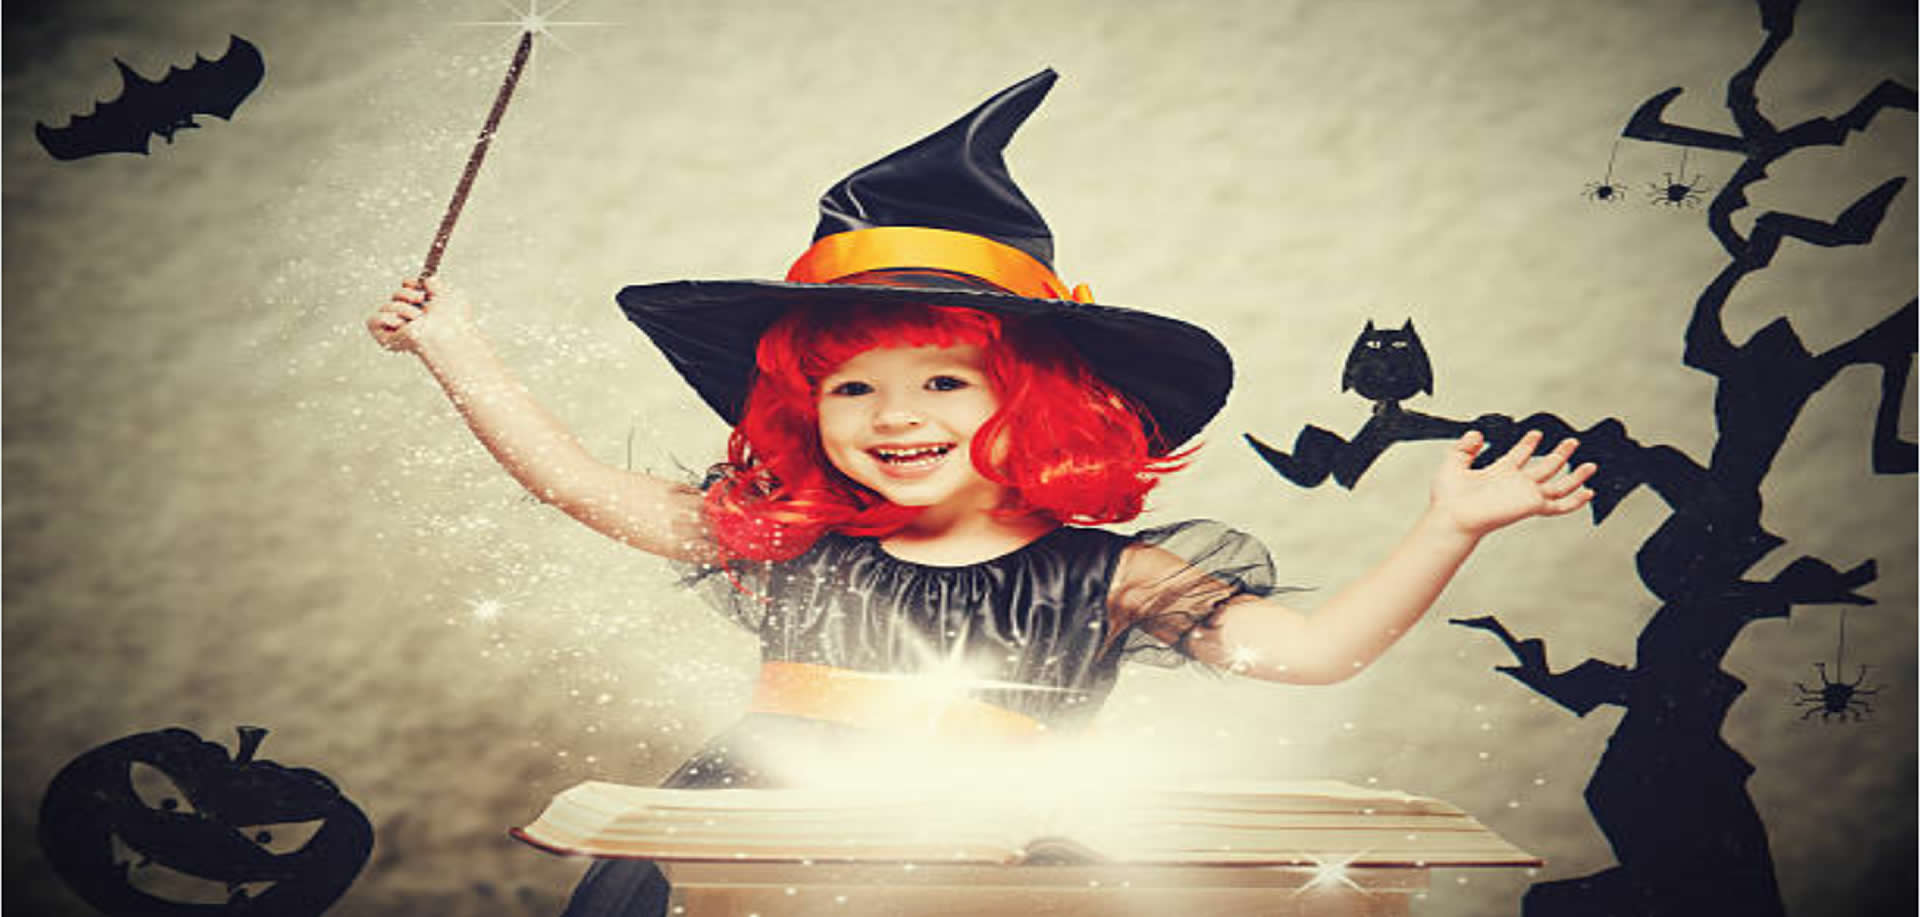 imagen principal de brujas